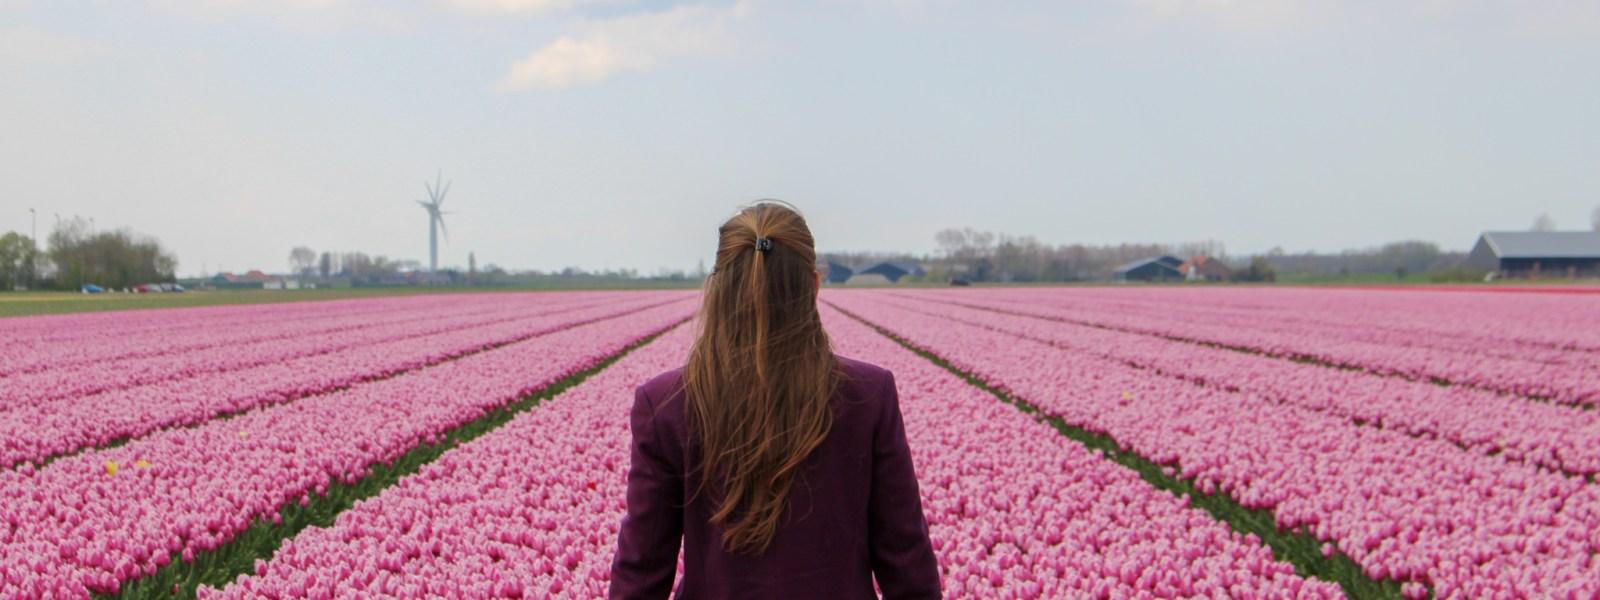 The tulip fields of Goeree-Overflakkee